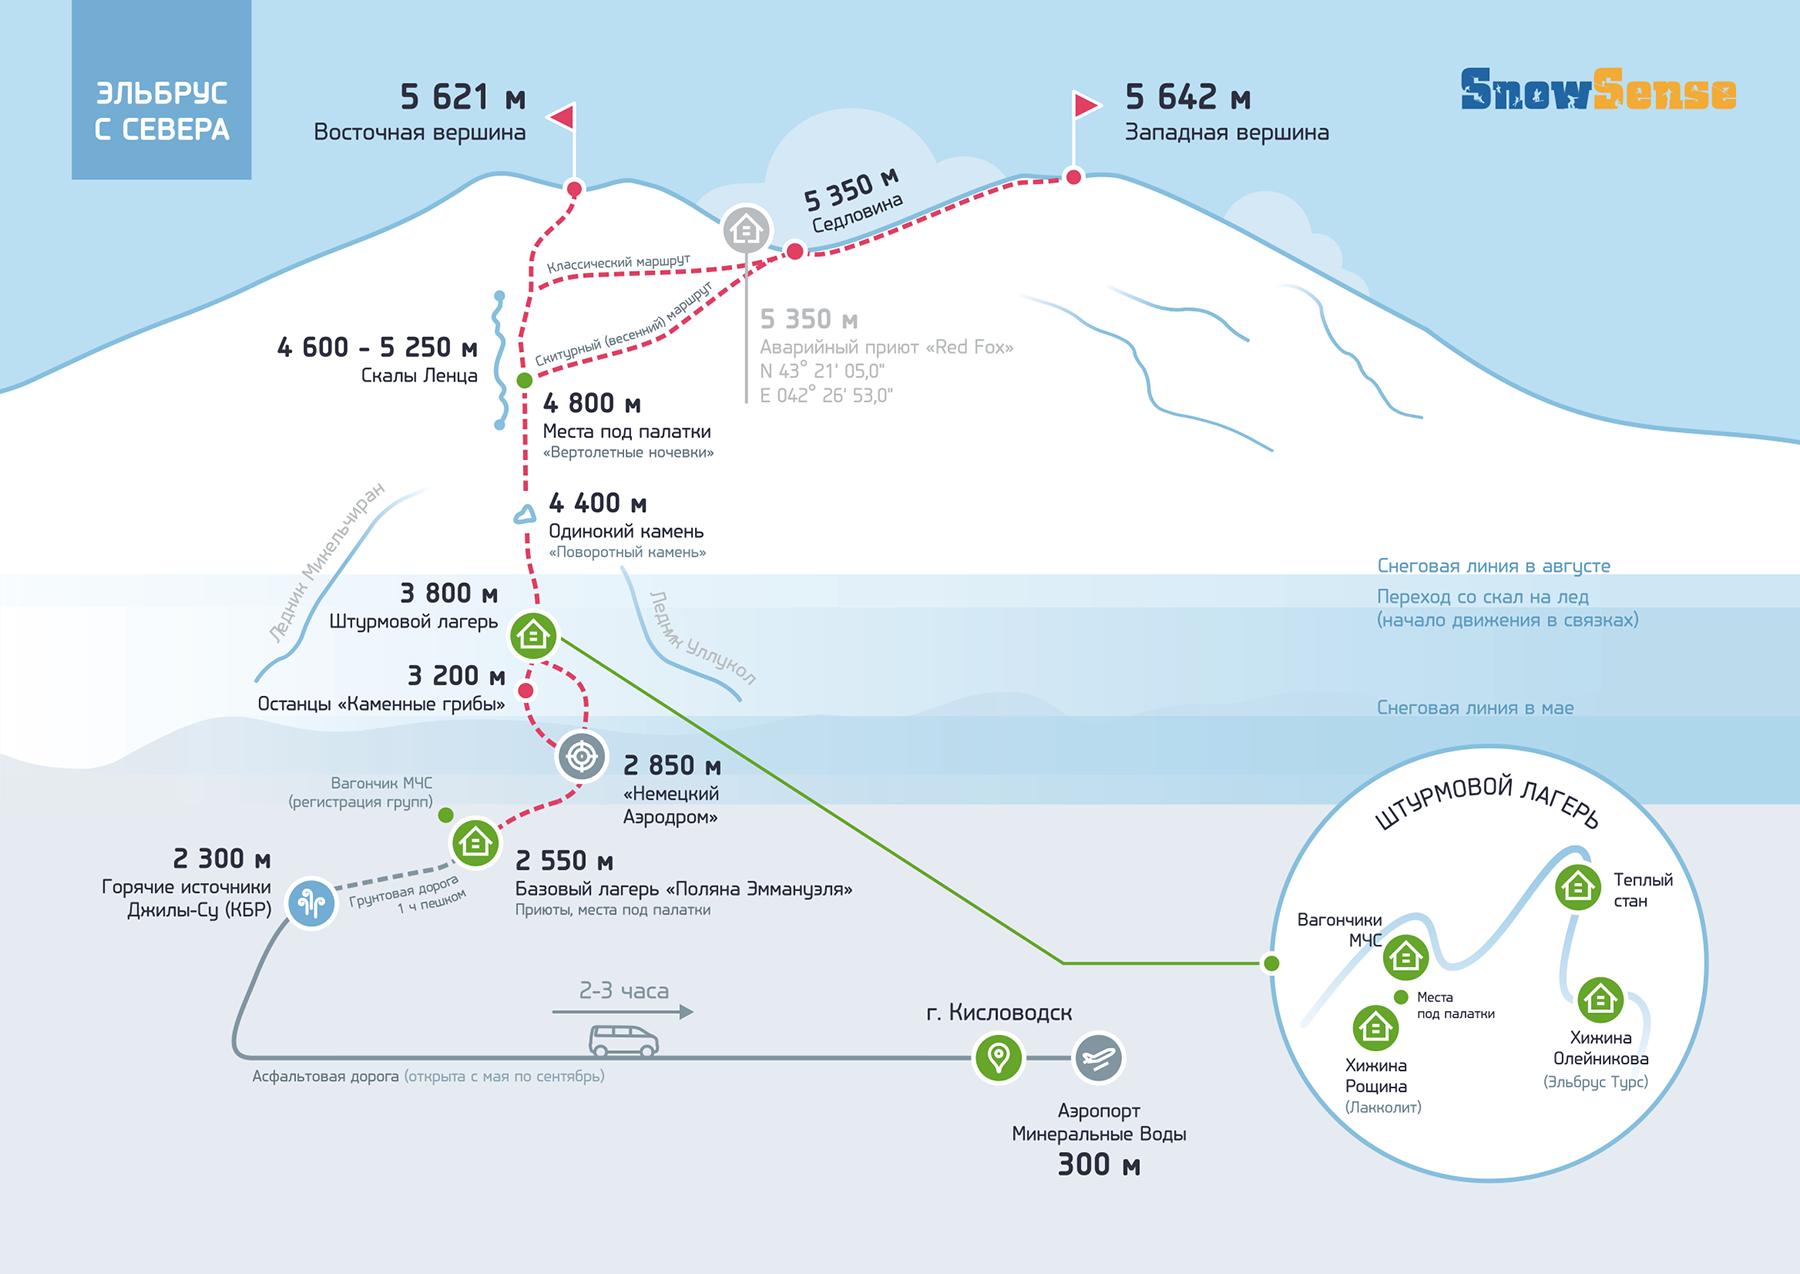 02_Snow Sense_инфографика_Эльбрус Севера